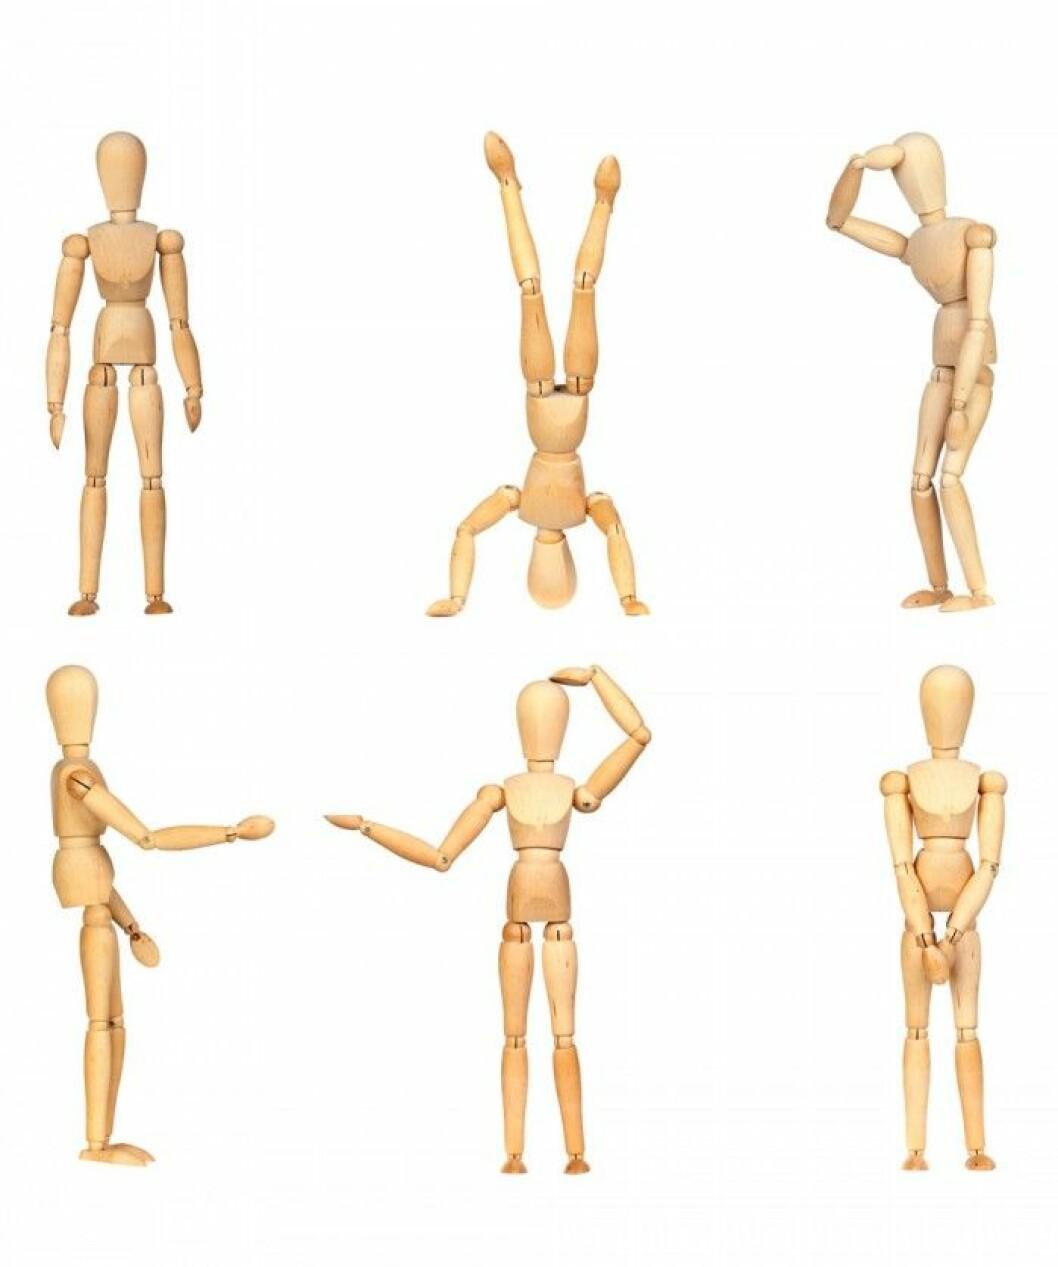 Att stå upp och jobba cirka två timmar per dag ger en rad hälsovinster.